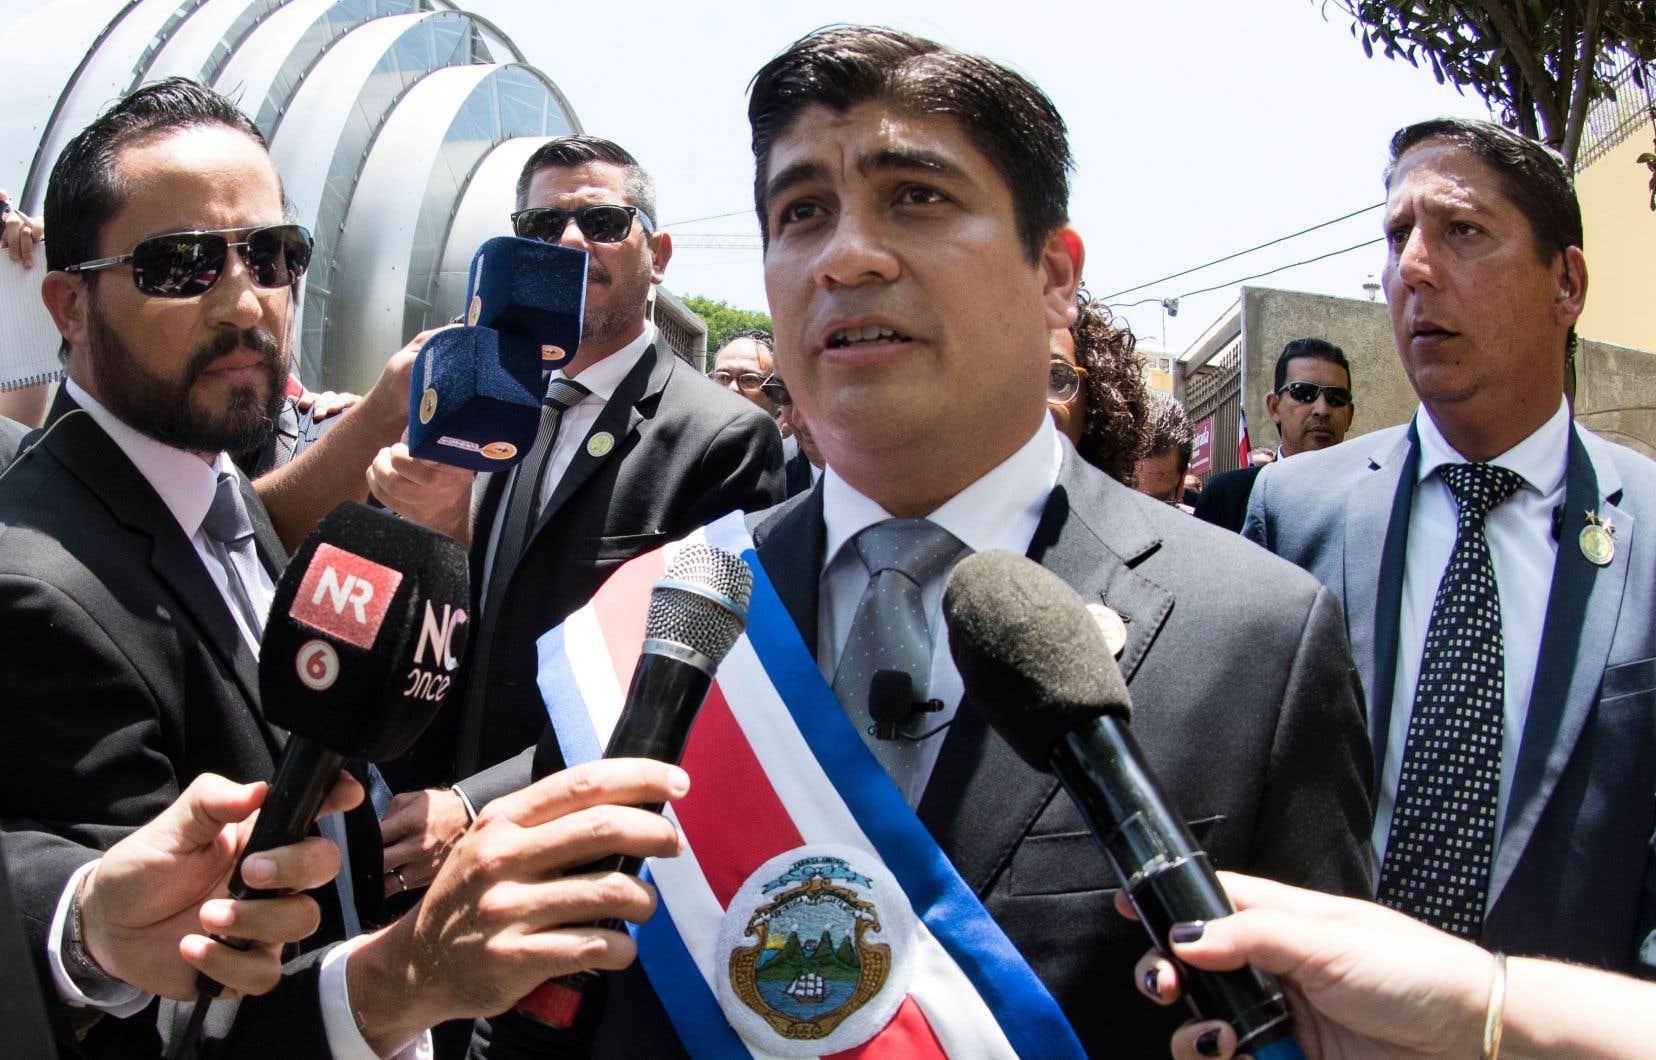 «Nous avons la tâche titanesque et magnifique de supprimer l'utilisation des énergies fossiles dans notre économie pour laisser la place à l'utilisation d'énergies propres et renouvelables», a déclaré leprésident du Costa Rica,Carlos Alvarado,